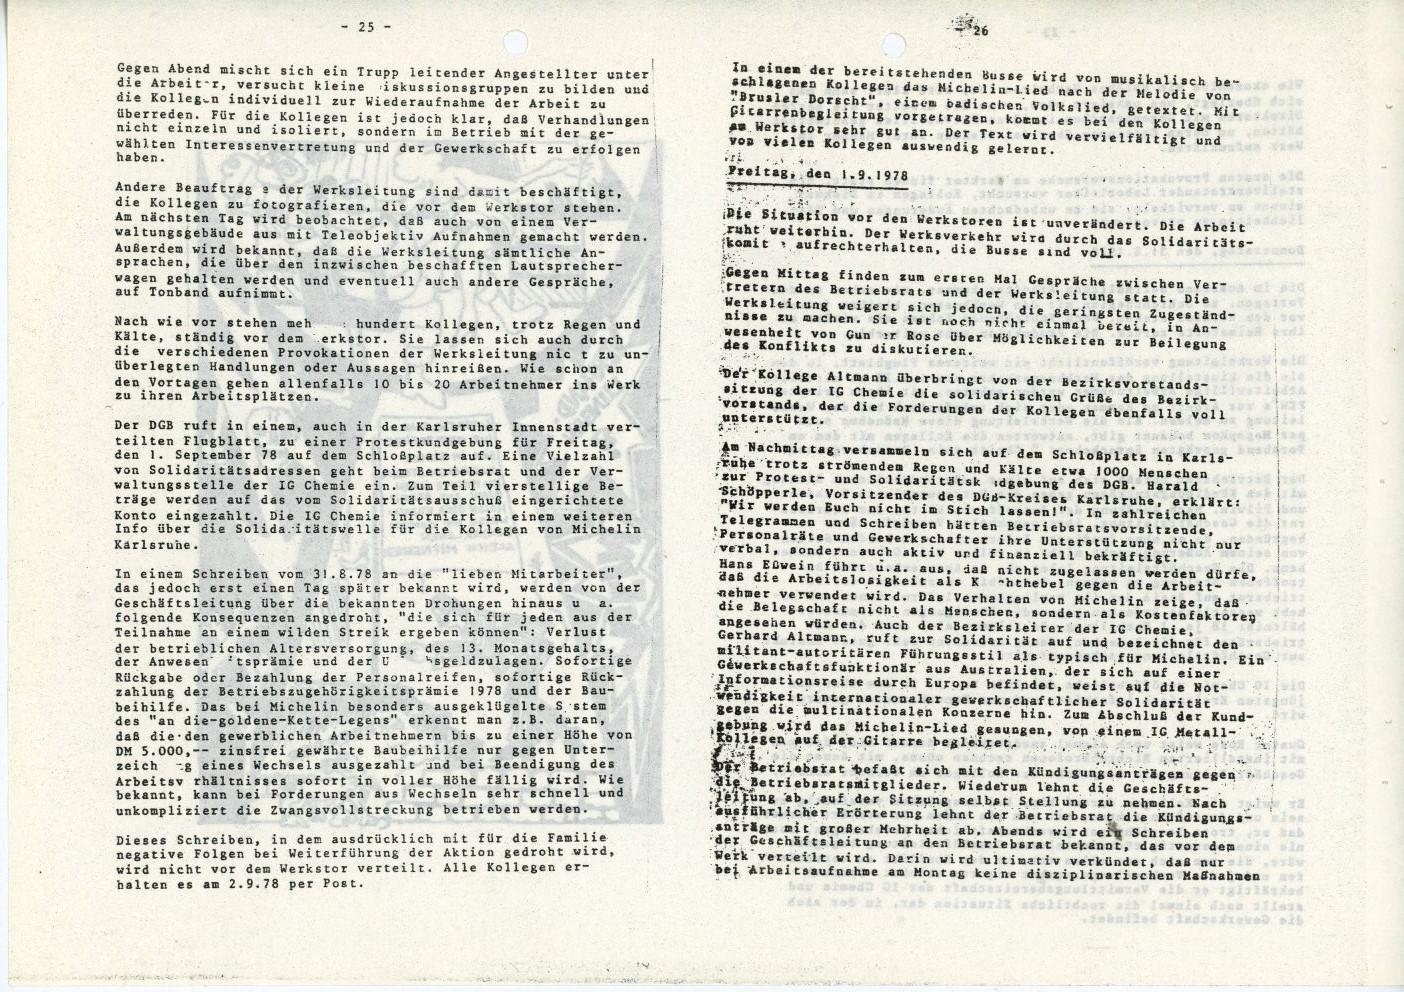 Karlsruhe_Michelin_IGCPK_Doku_zum_Arbeitskonflikt_1978_13